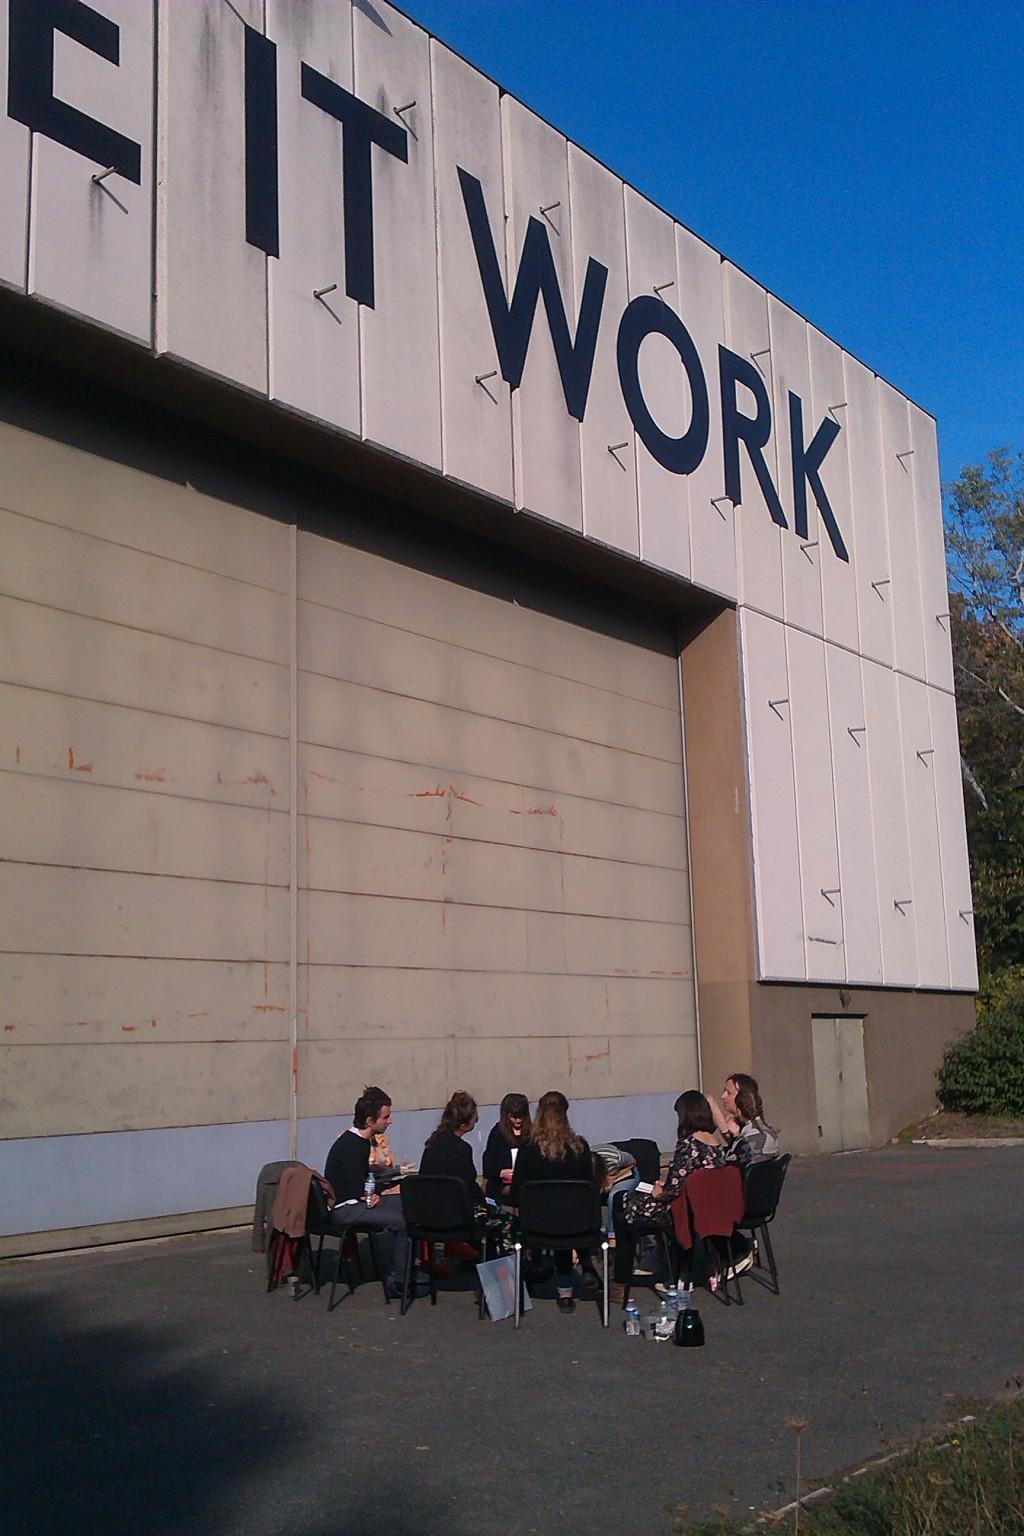 Les étudiants sont assis en cercle dehors devant la scène d'été des Amandiers. Make it work!